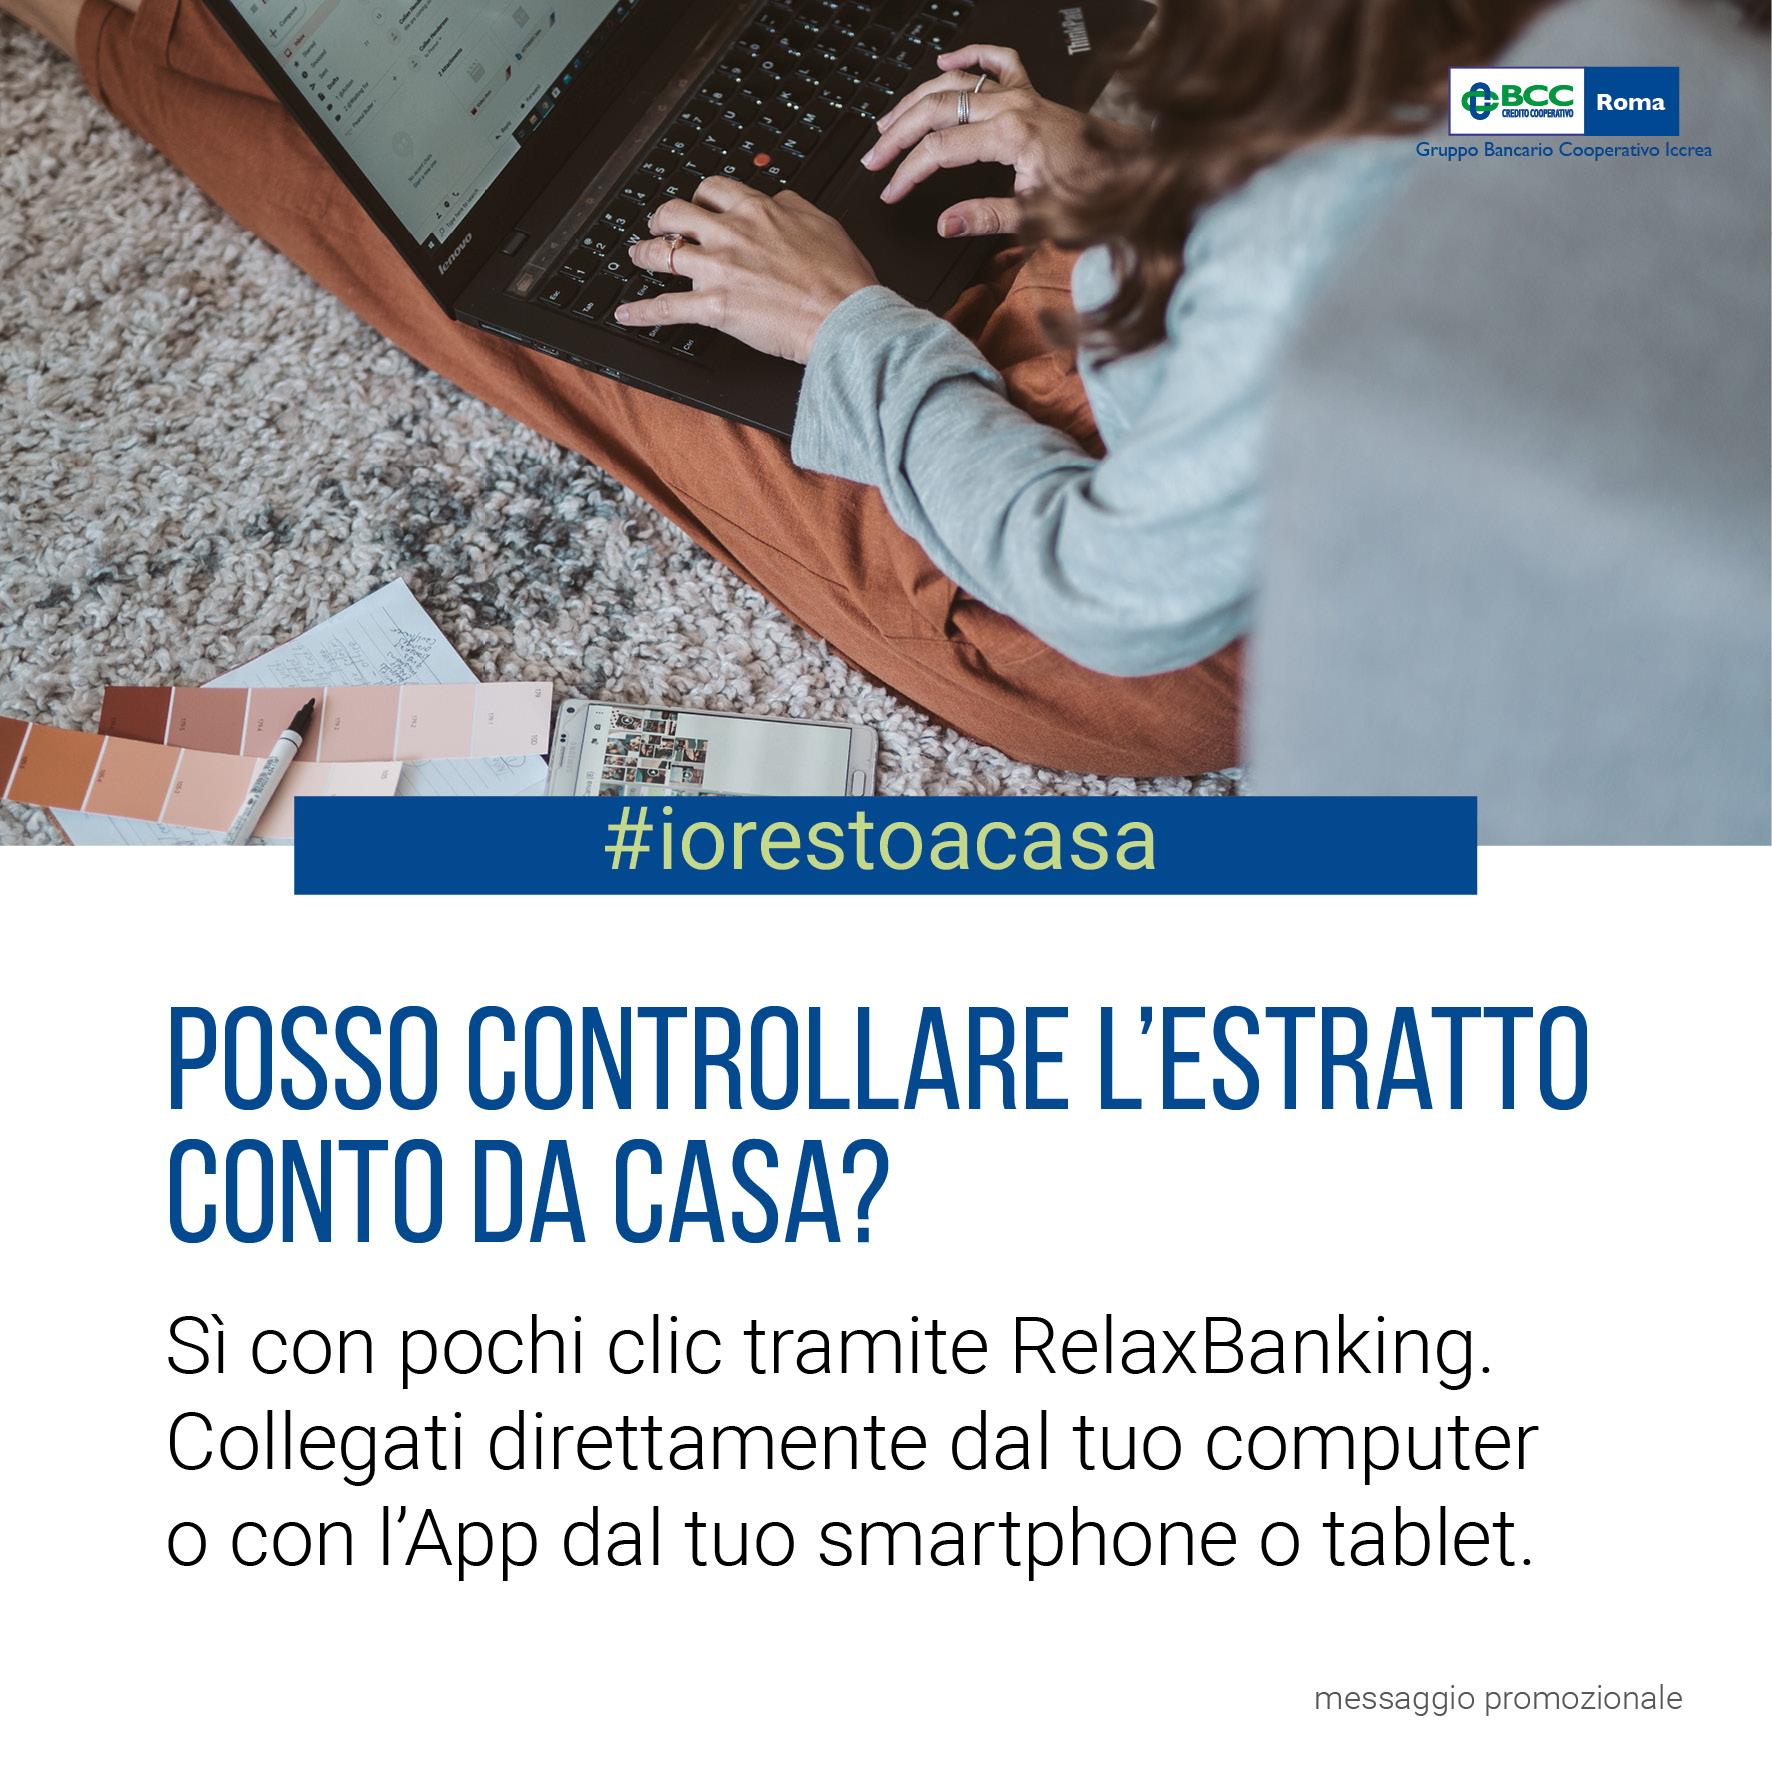 IoRestoaCasa EstrattoConto - RELAX